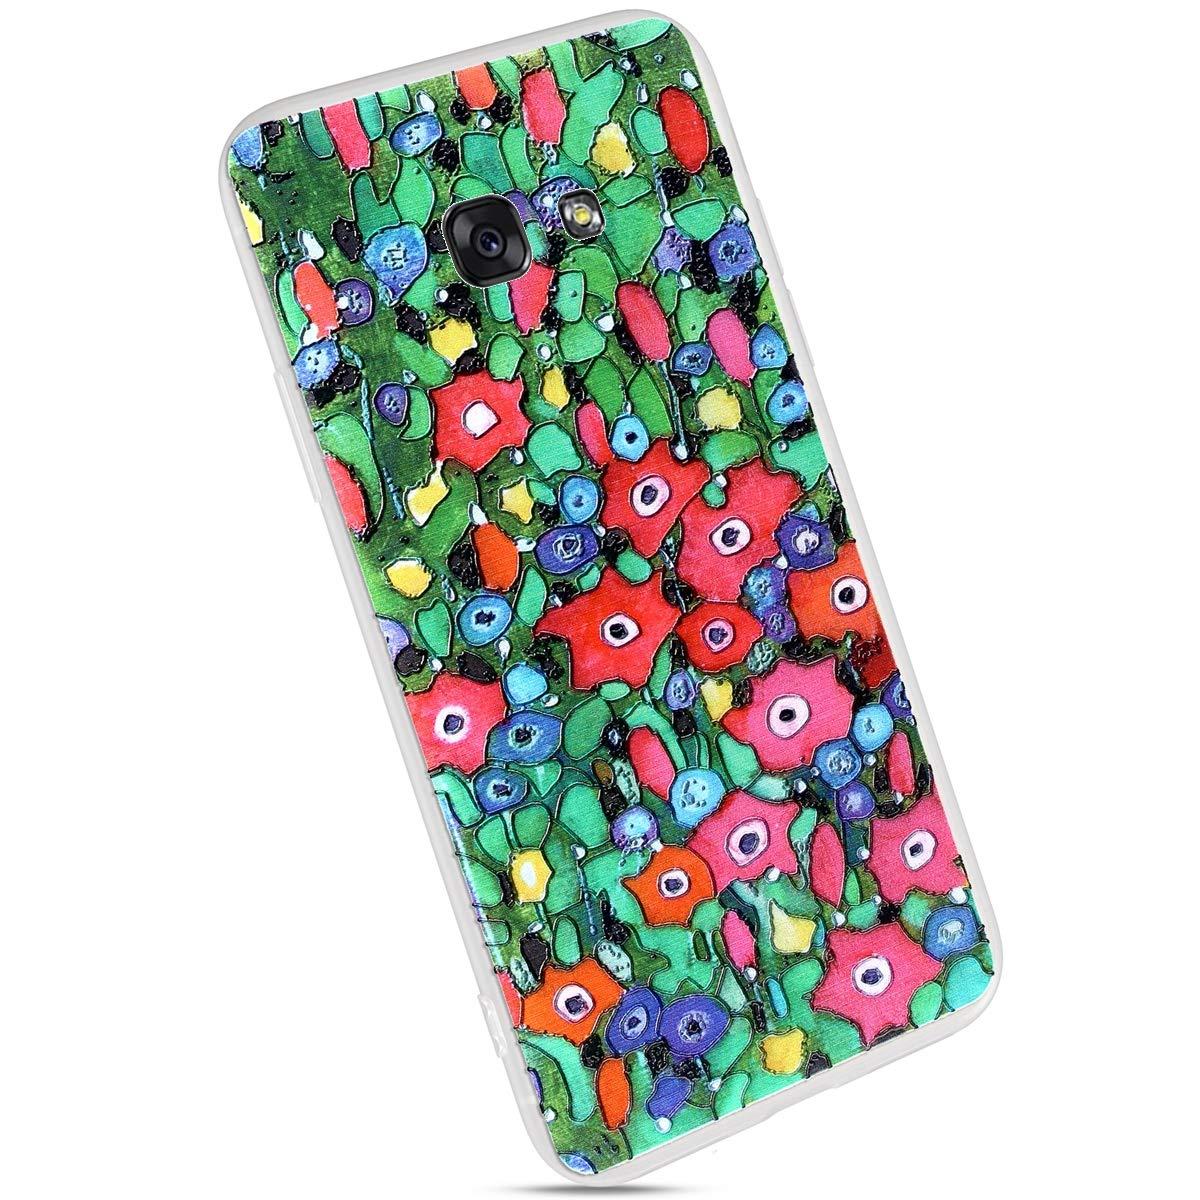 MoreChioce kompatibel mit Samsung Galaxy A5 2017 H/ülle,kompatibel mit Galaxy A5 2017 Transparent H/ülle,Kreativ Muster M/ädchen Sto/ßfest Handyh/ülle Kristall TPU Flexible Bumper